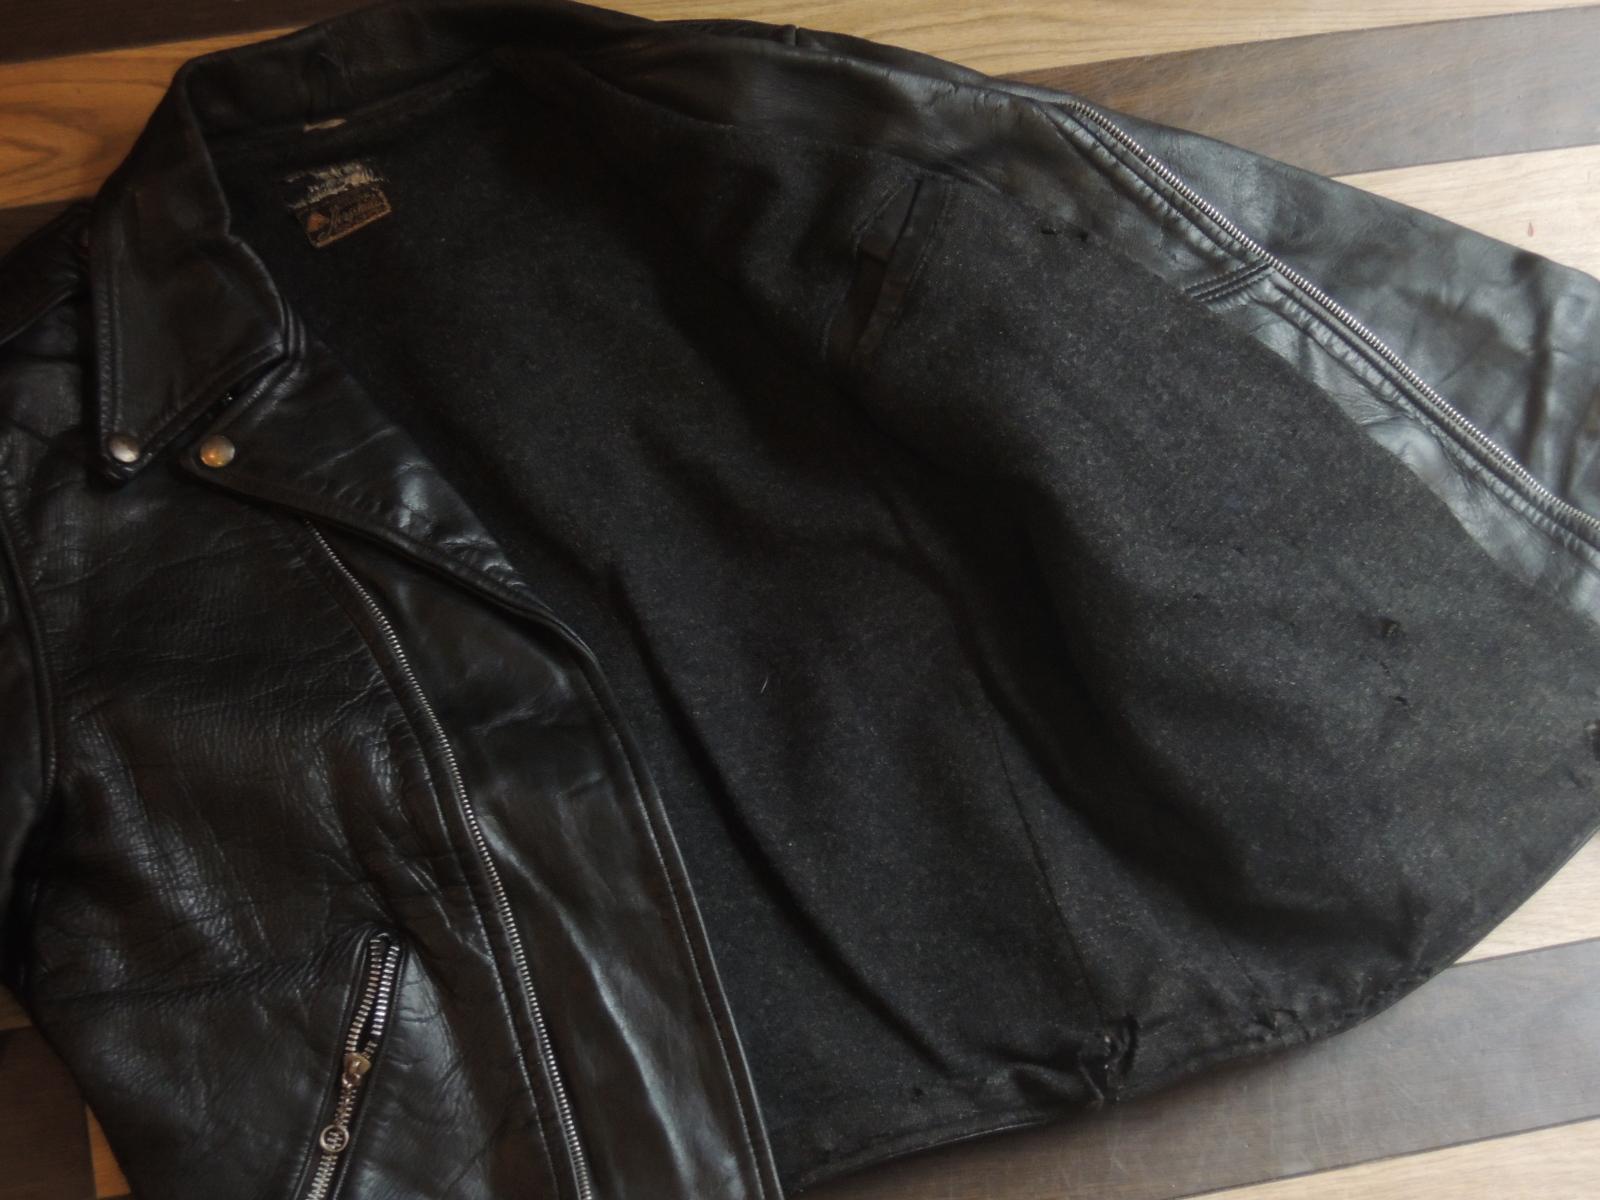 horsehideleatherjacket09.JPG